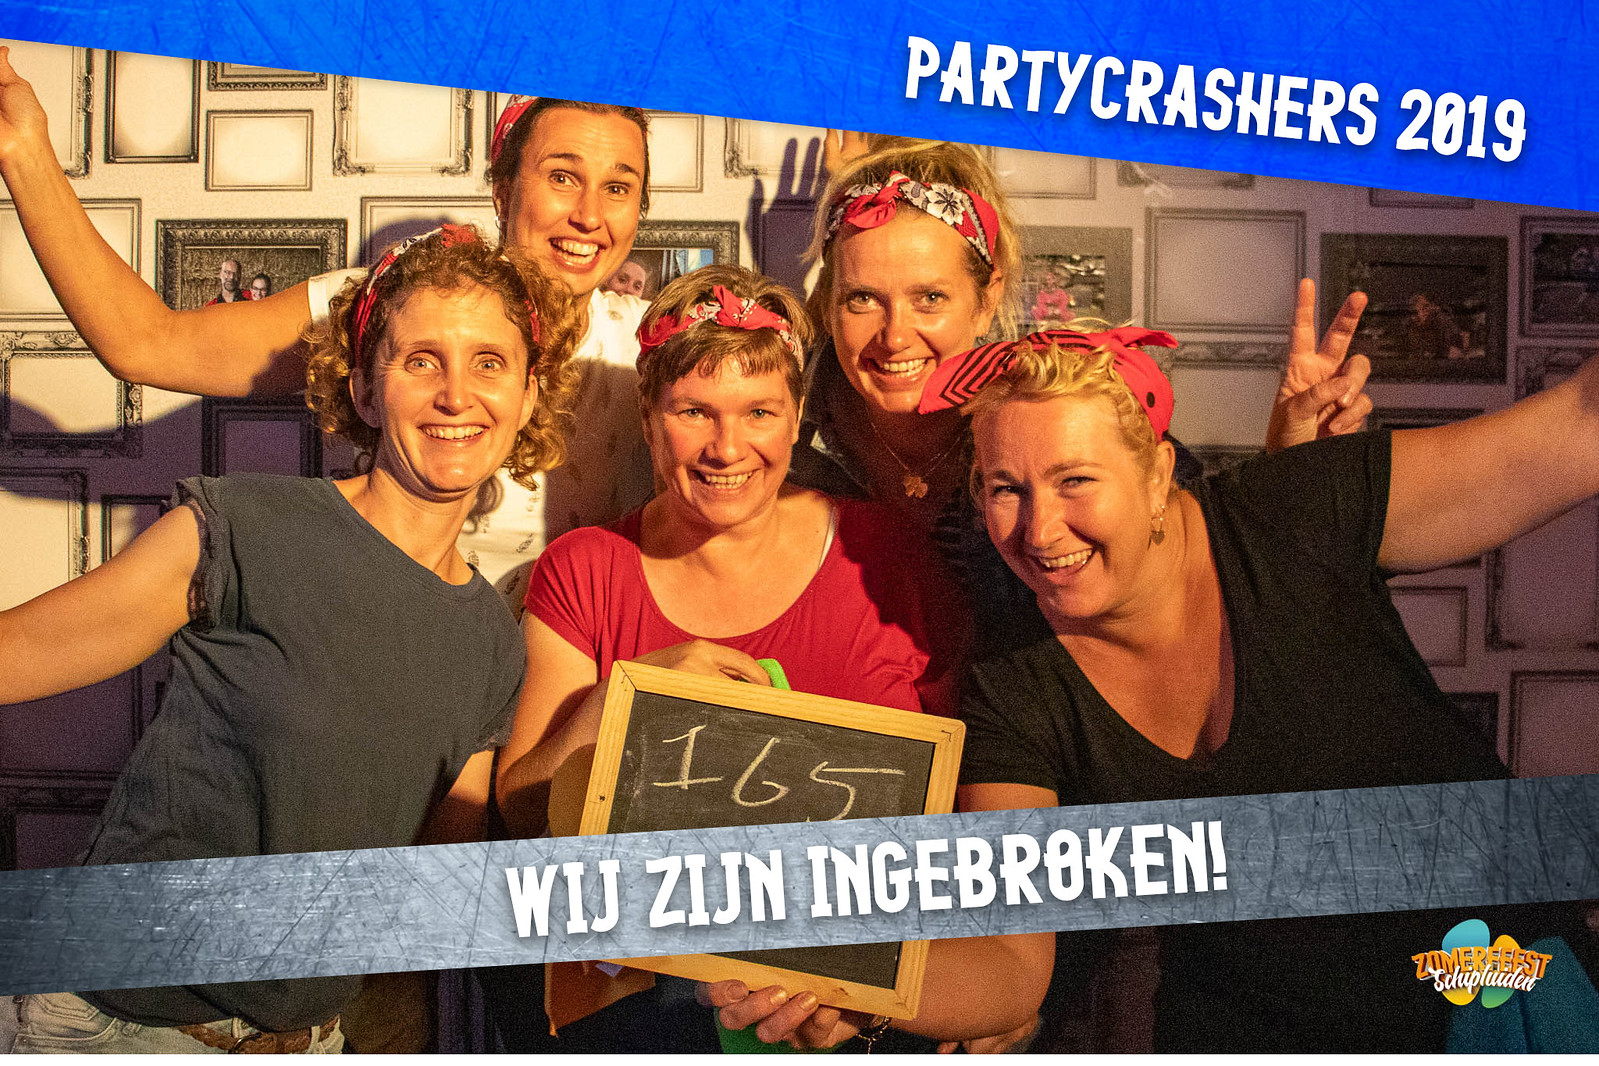 partycrashers-33_0002_Blauw copy 8